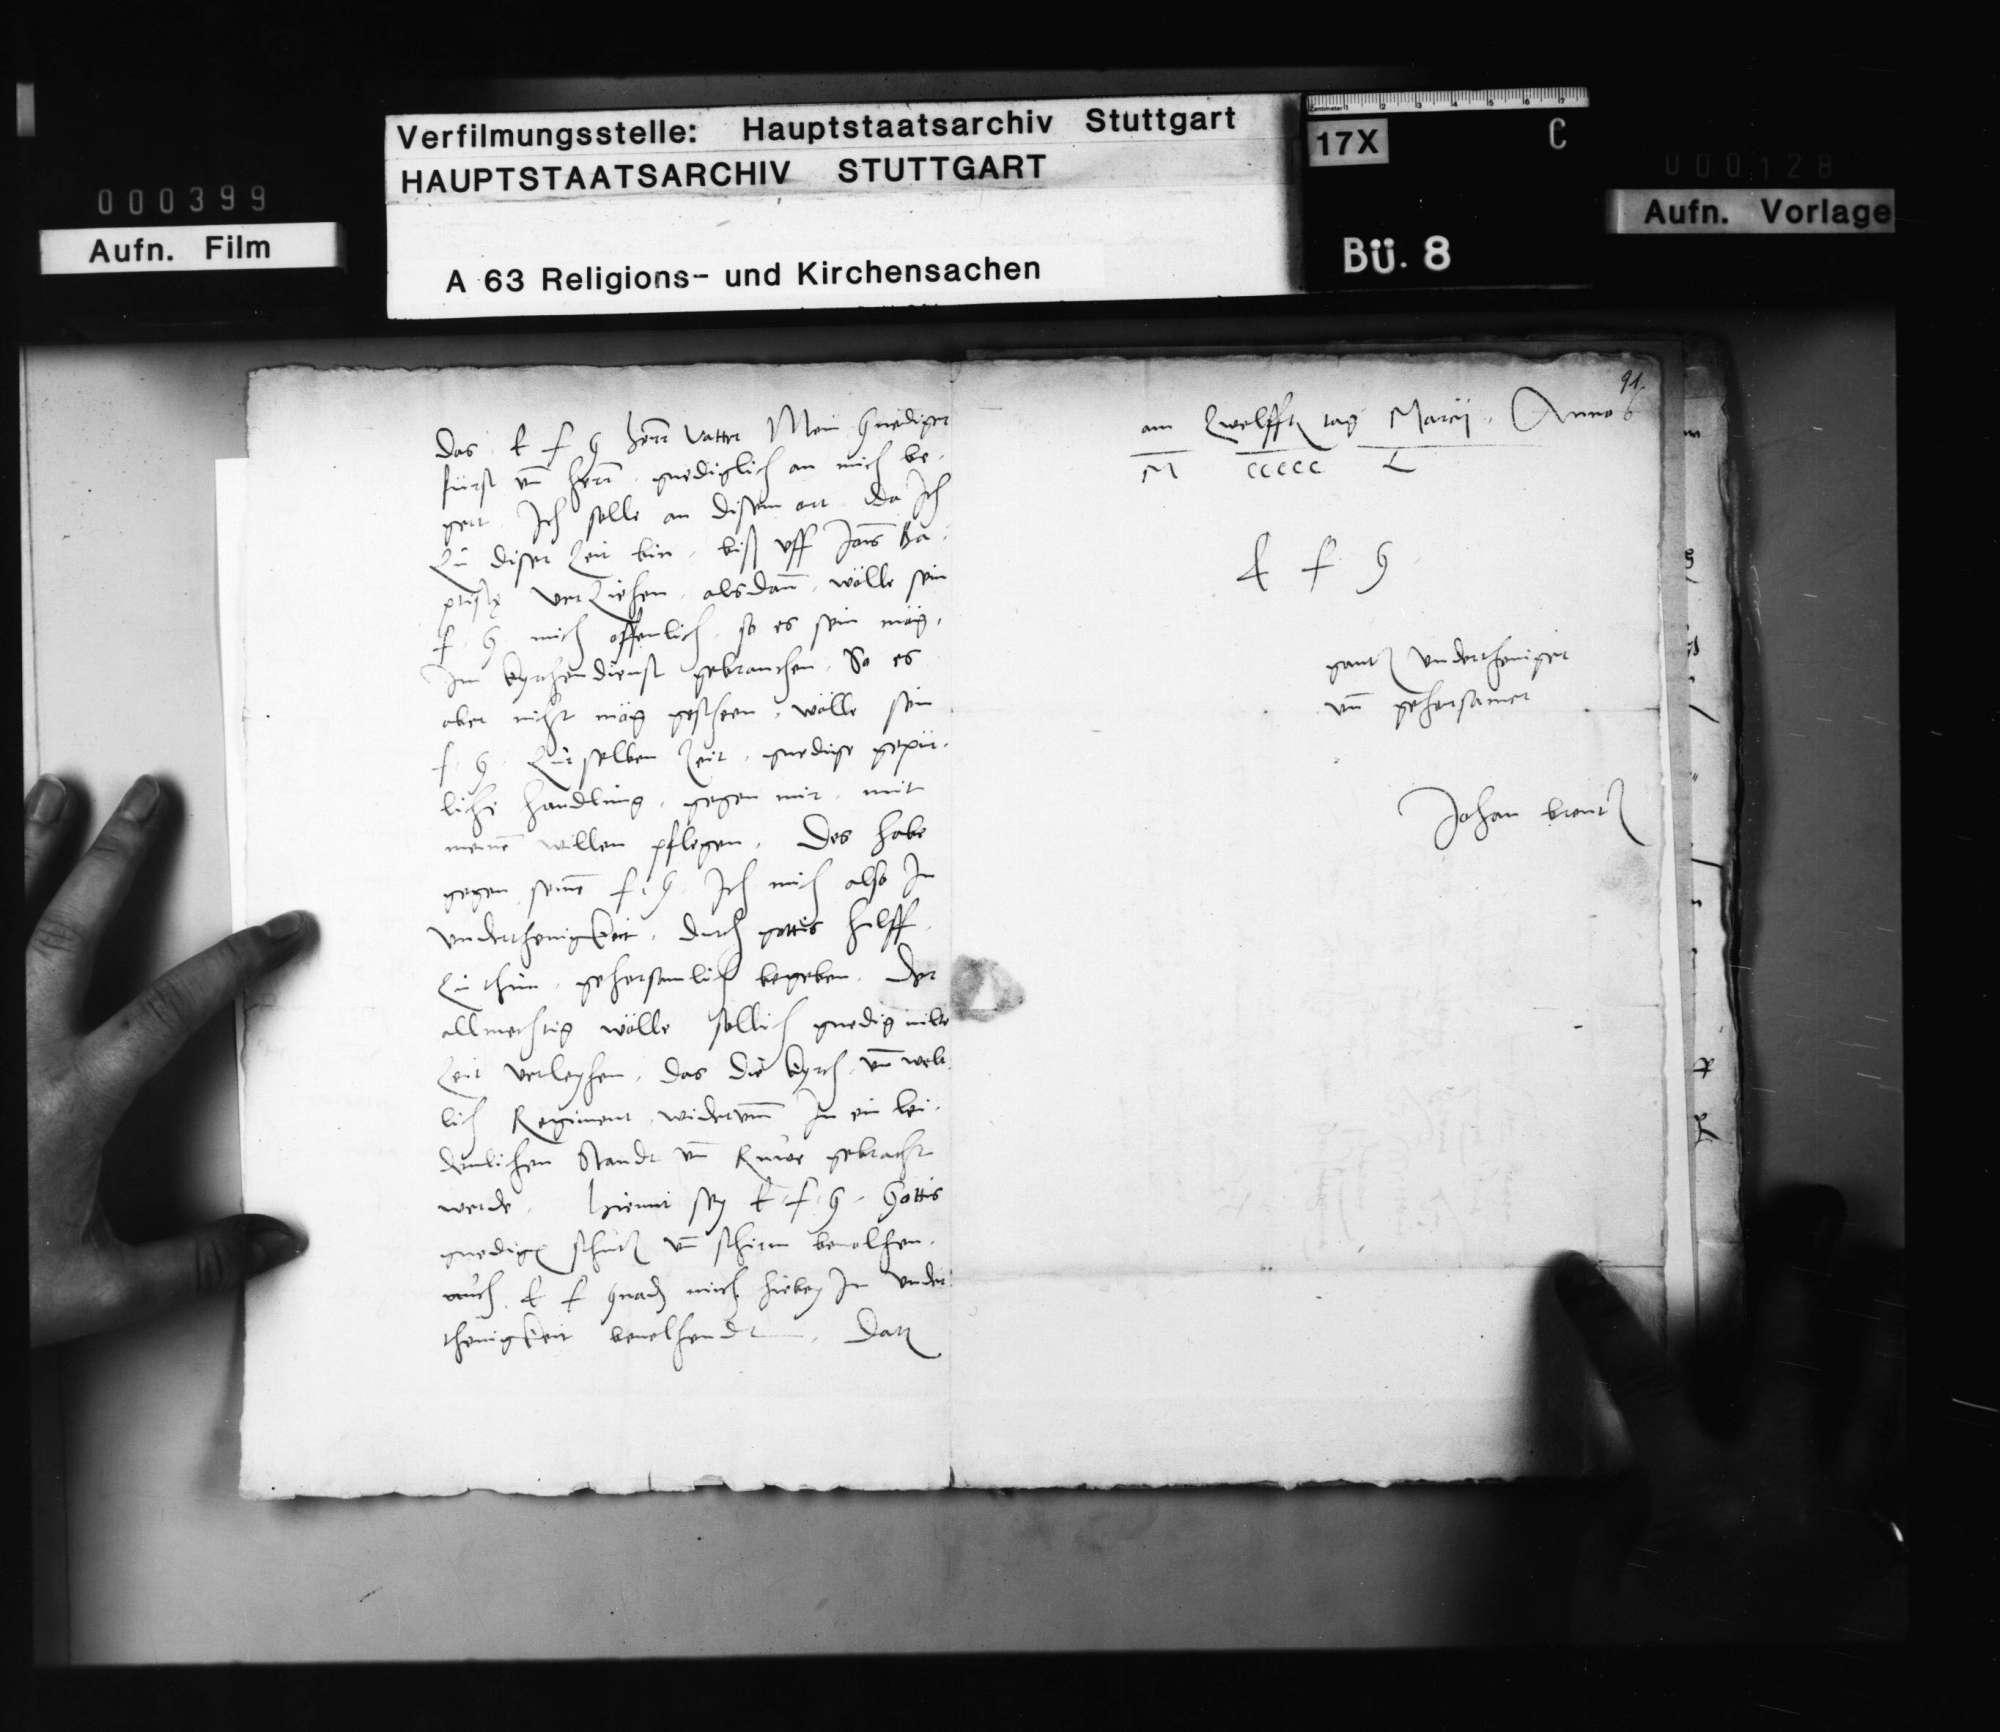 Schreiben von Brenz an Herzog Christoph, betreffend persönliche Angelegenheiten (Überstellung seiner Tochter Barbara in den Dienst der Herzogin, seine eigene Verwendung im Kirchendienst)., Bild 3